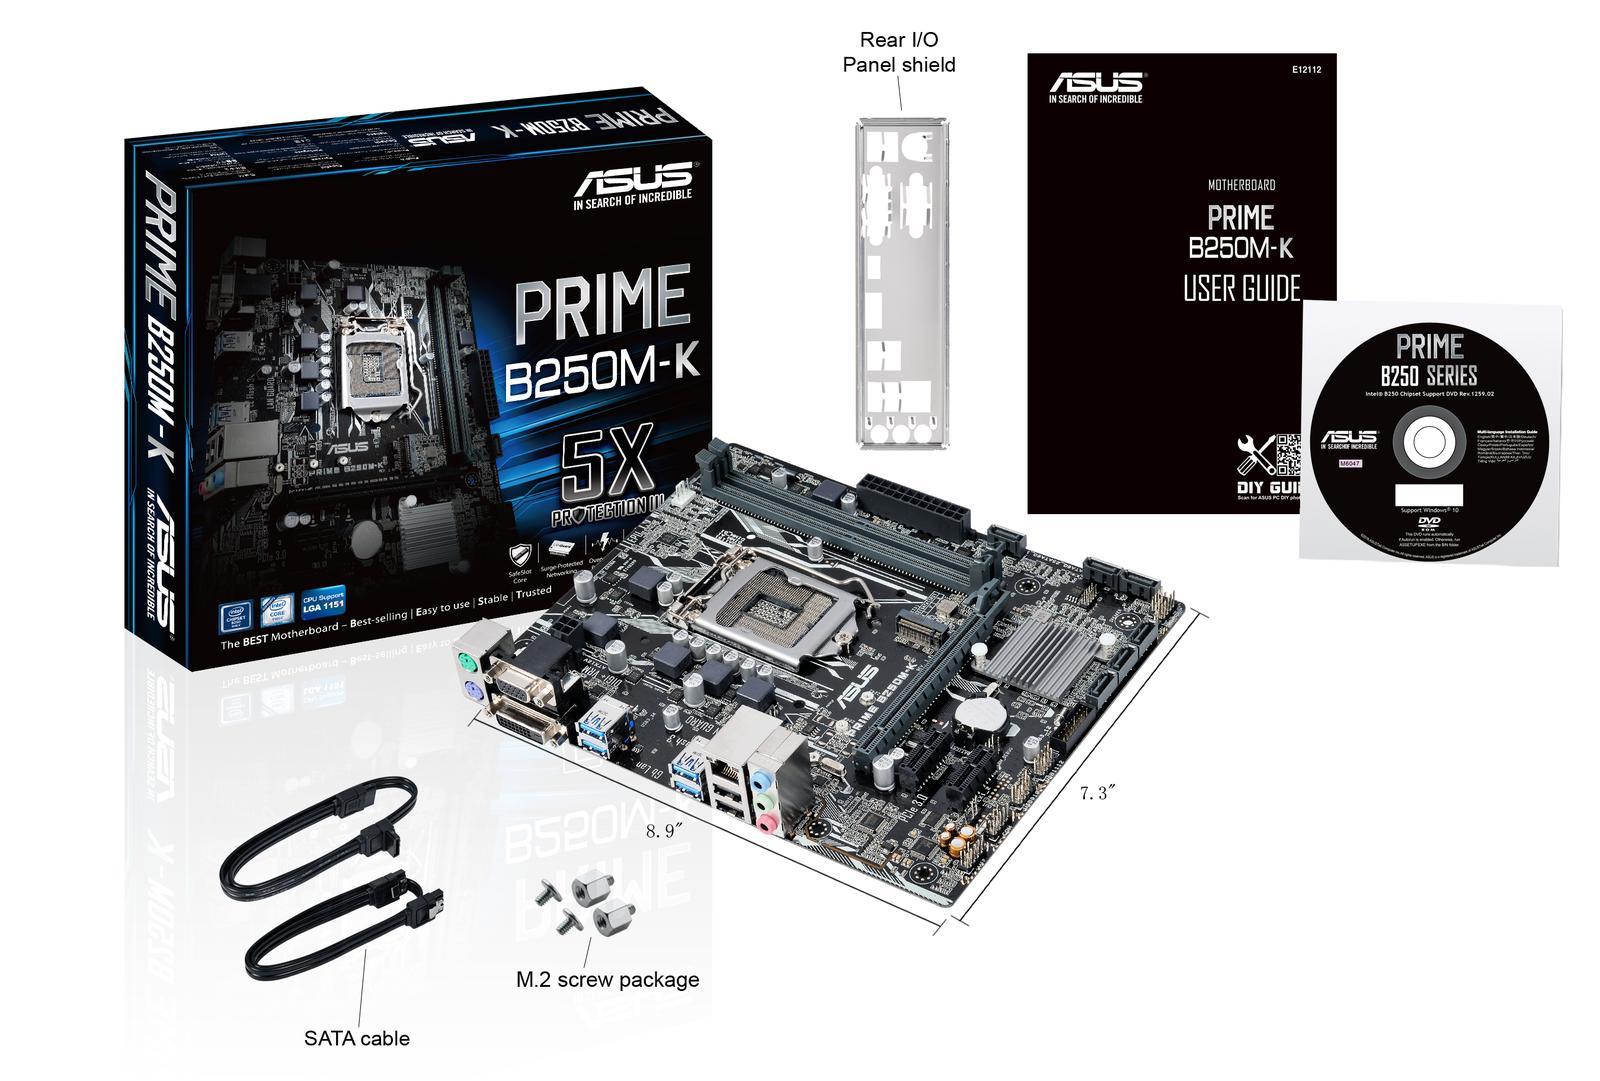 Asus PRIME B250M-K Micro ATX LGA 1151